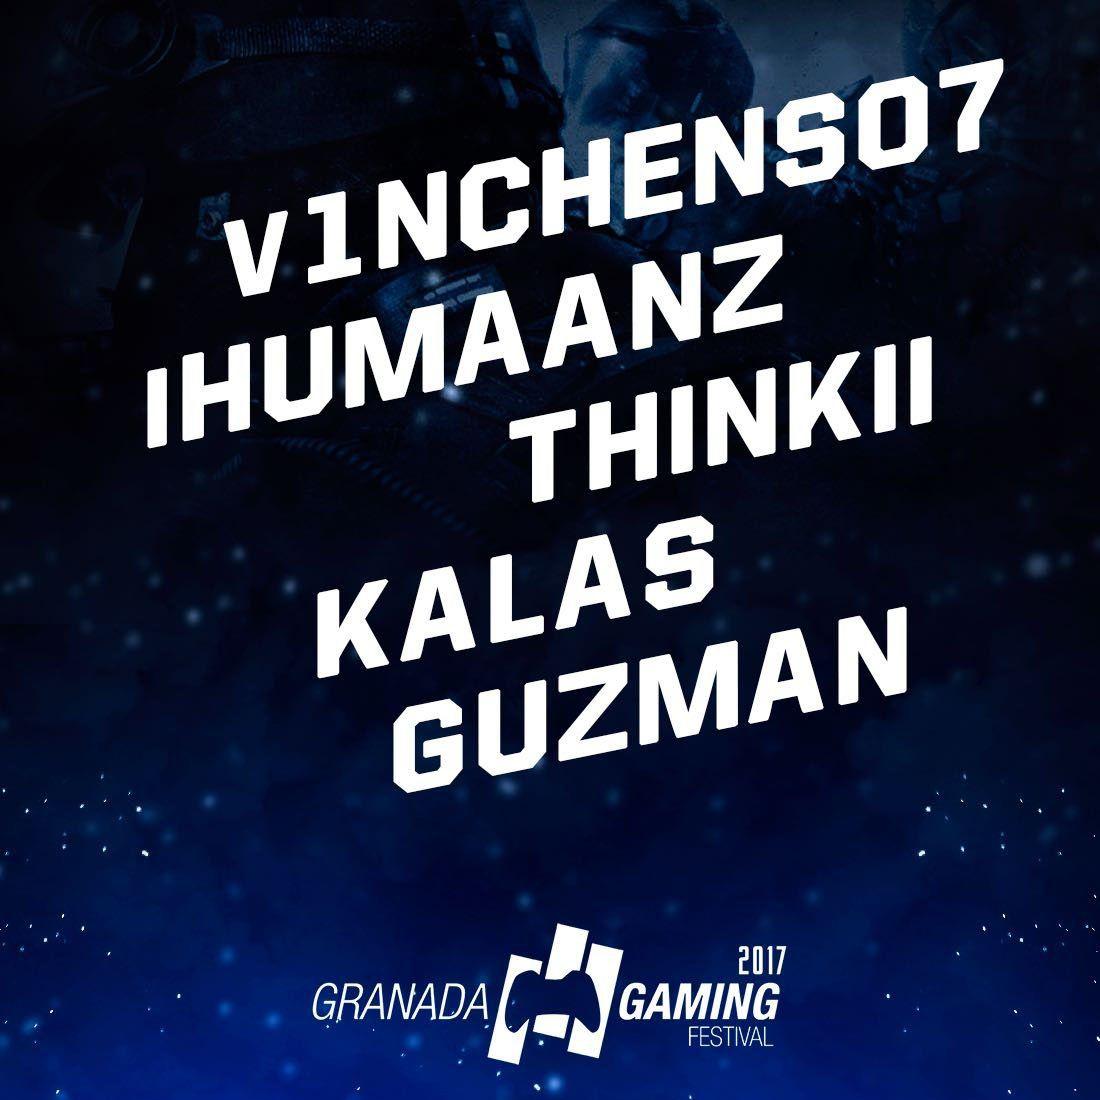 Arctic Gaming CSGO